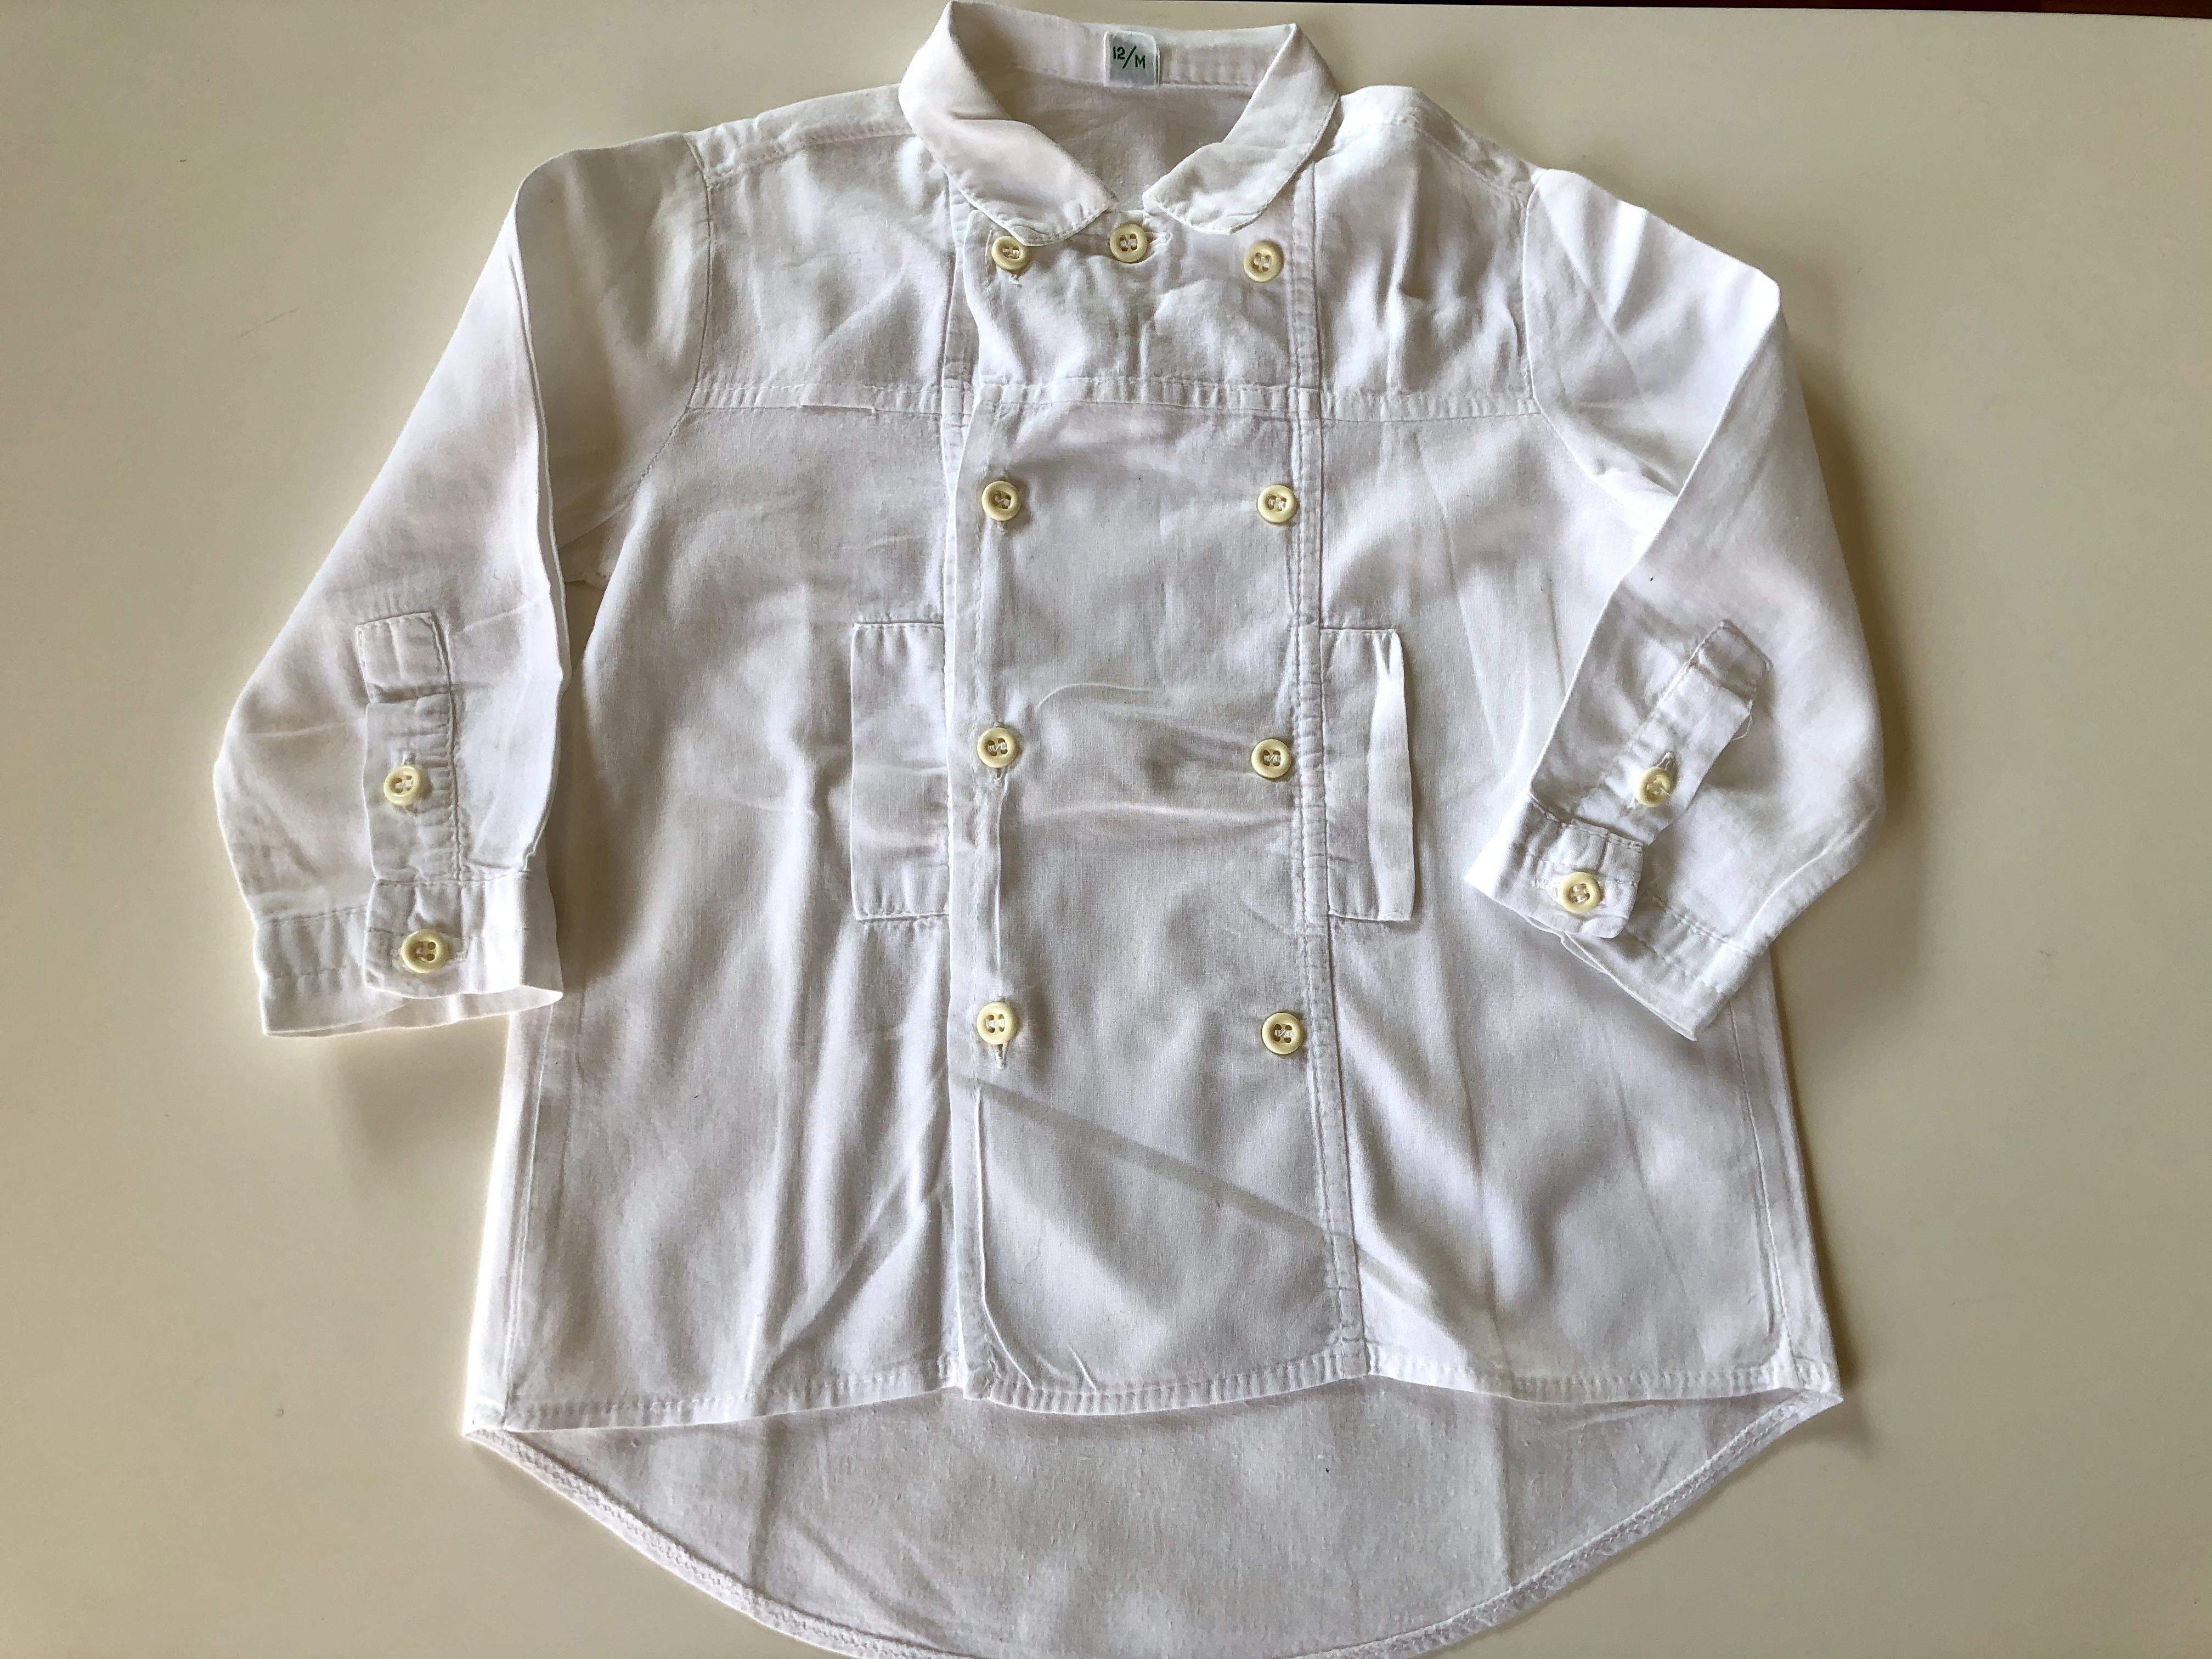 Gr. 80 Prenatal Trachtenhemd weiß